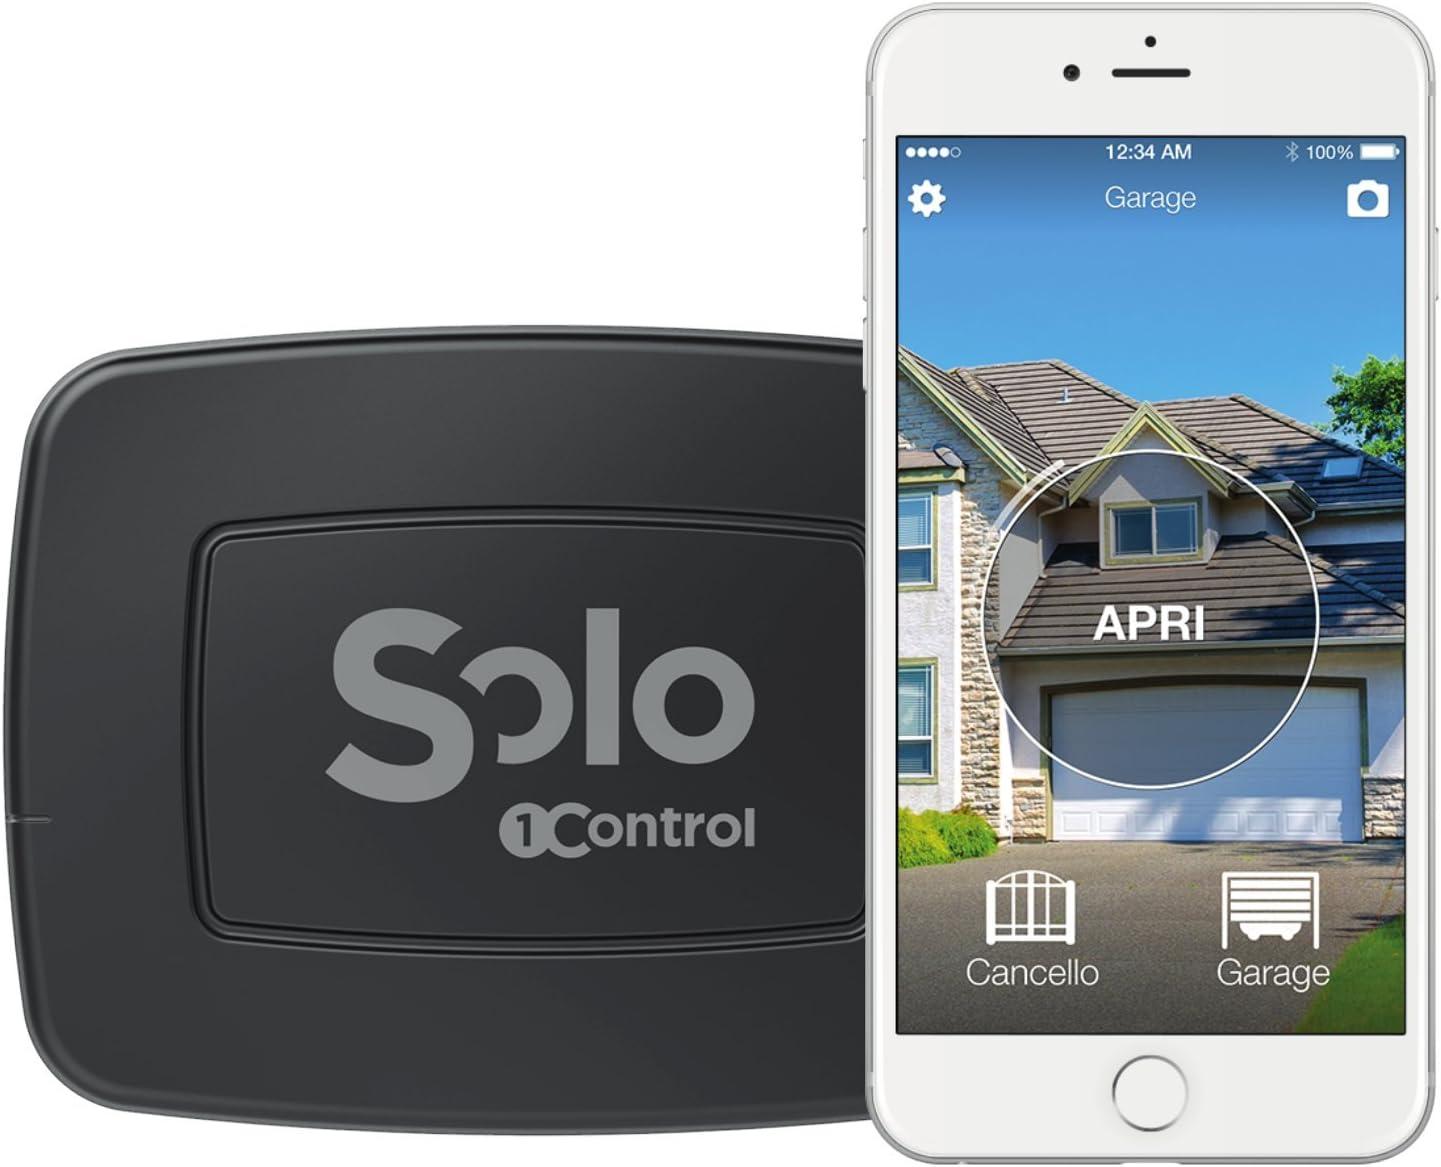 Smartphone PORTE DE GARAGE iPhone Android Bluetooth 4.0 prend en charge toutes les marques